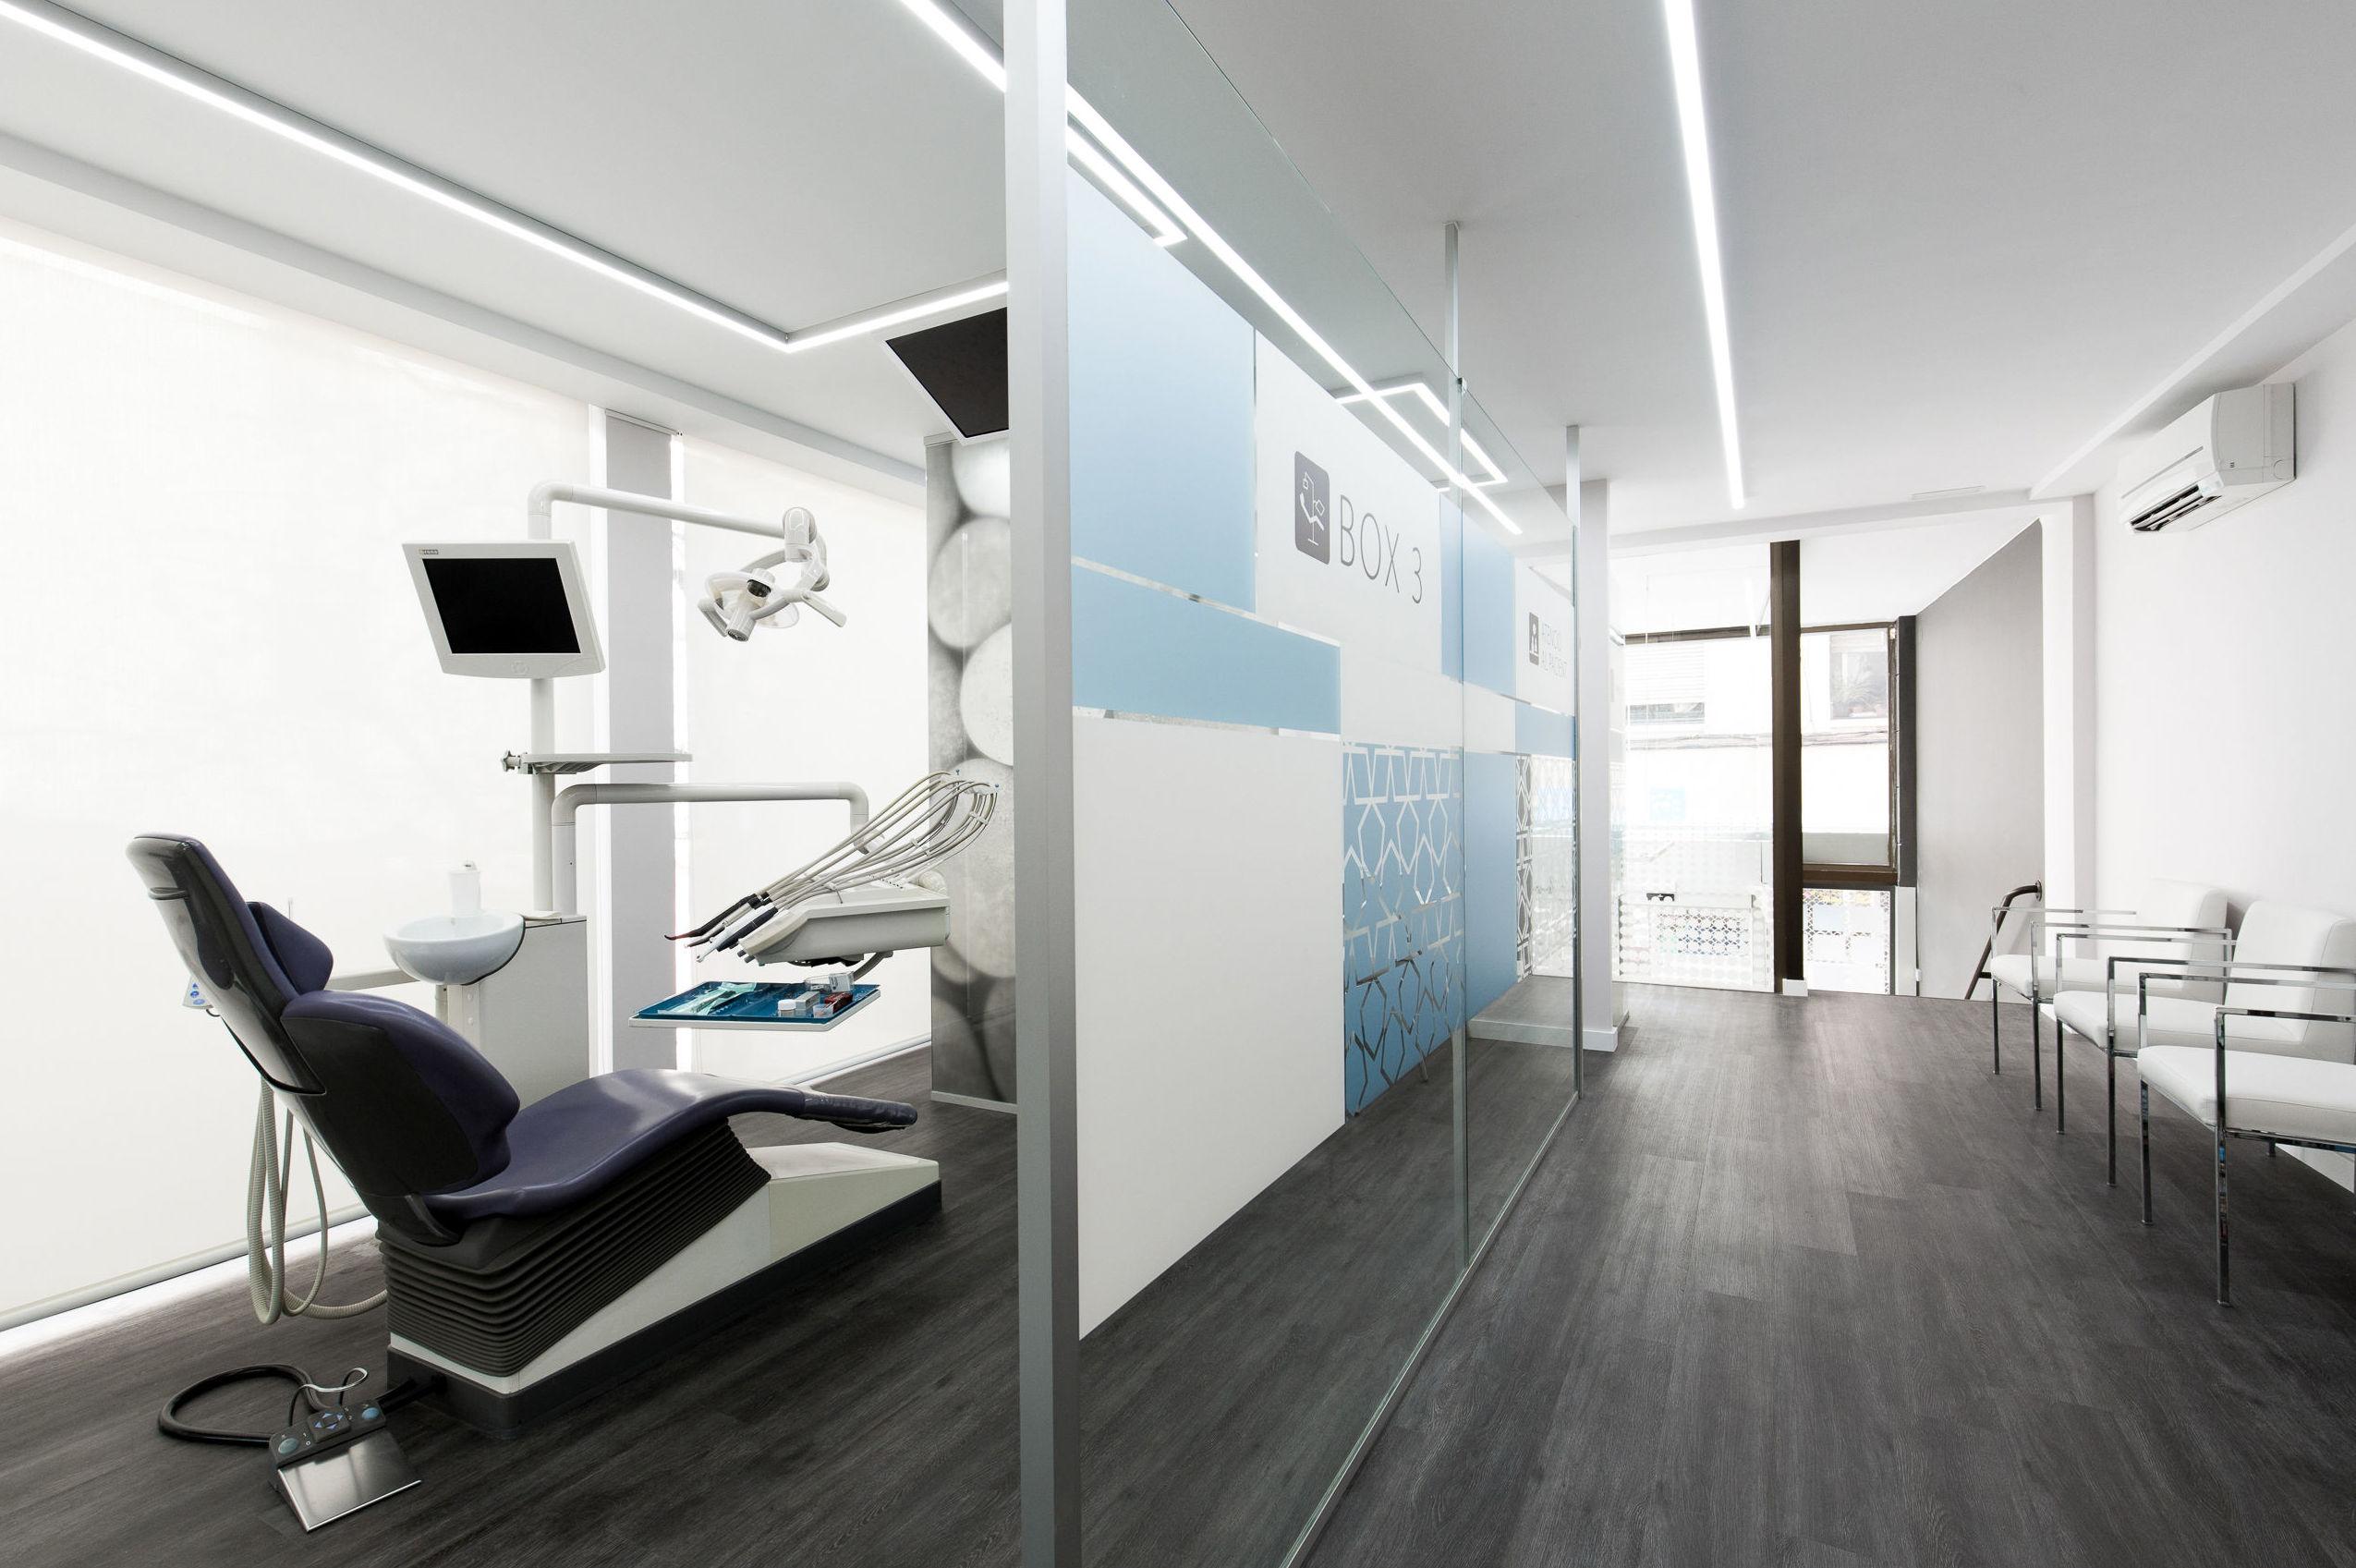 Foto 3 de Clínica dental en Vilafranca del Penedès | Eurodent Clínica Dental